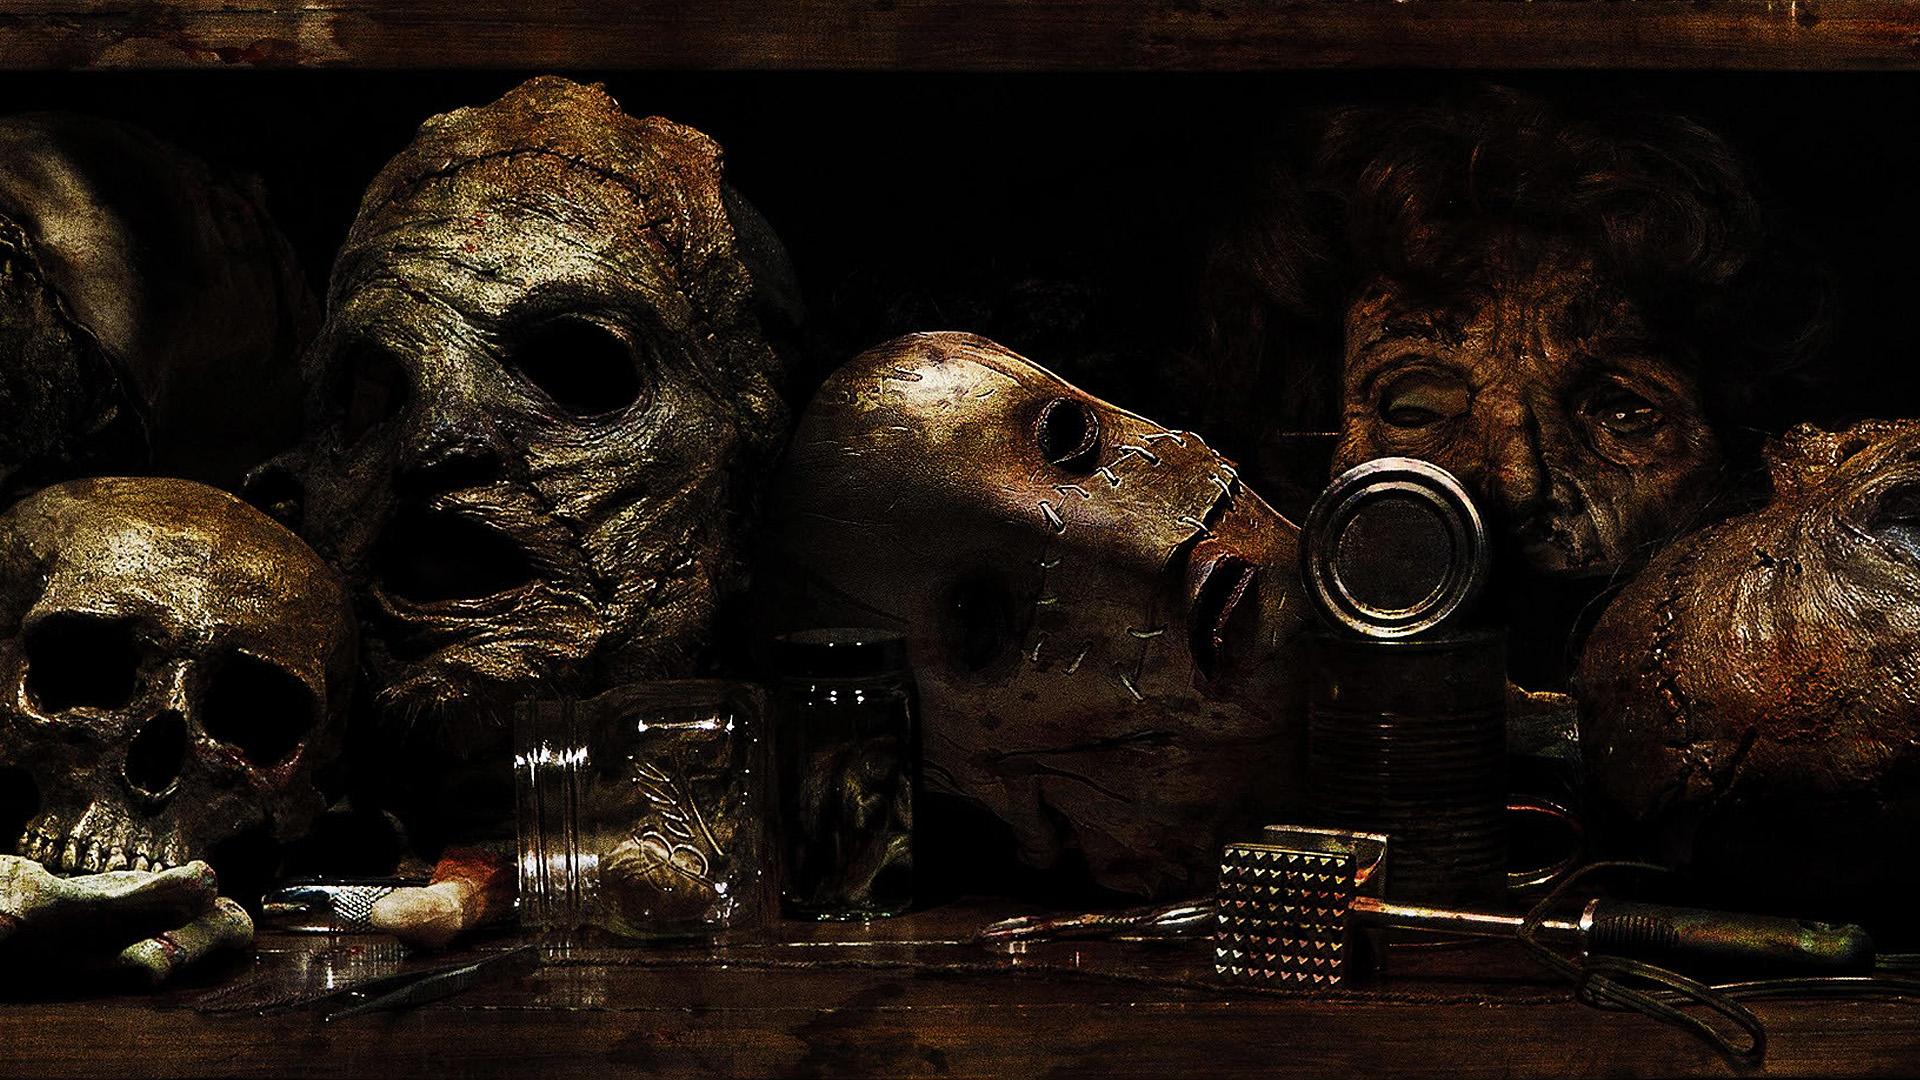 texas chainsaw 3d dark horror d wallpaper | 1920x1080 | 102637